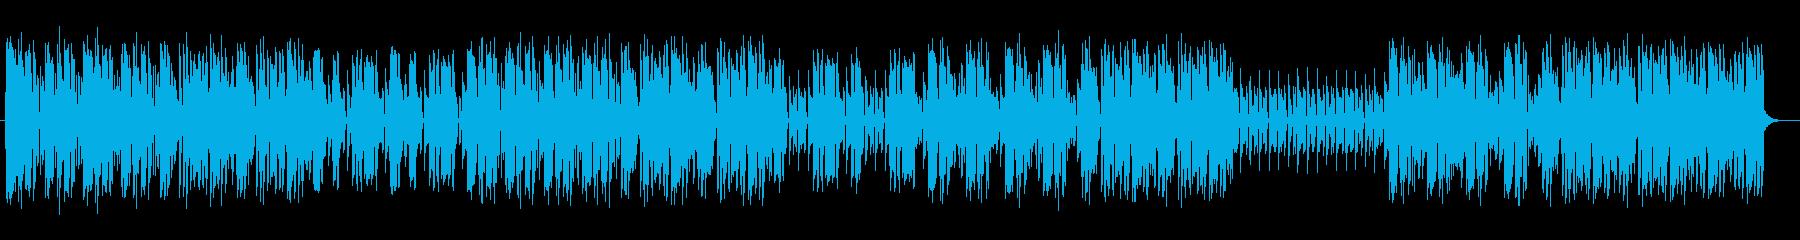 歯切れよくかっこいいテクノミュージックの再生済みの波形